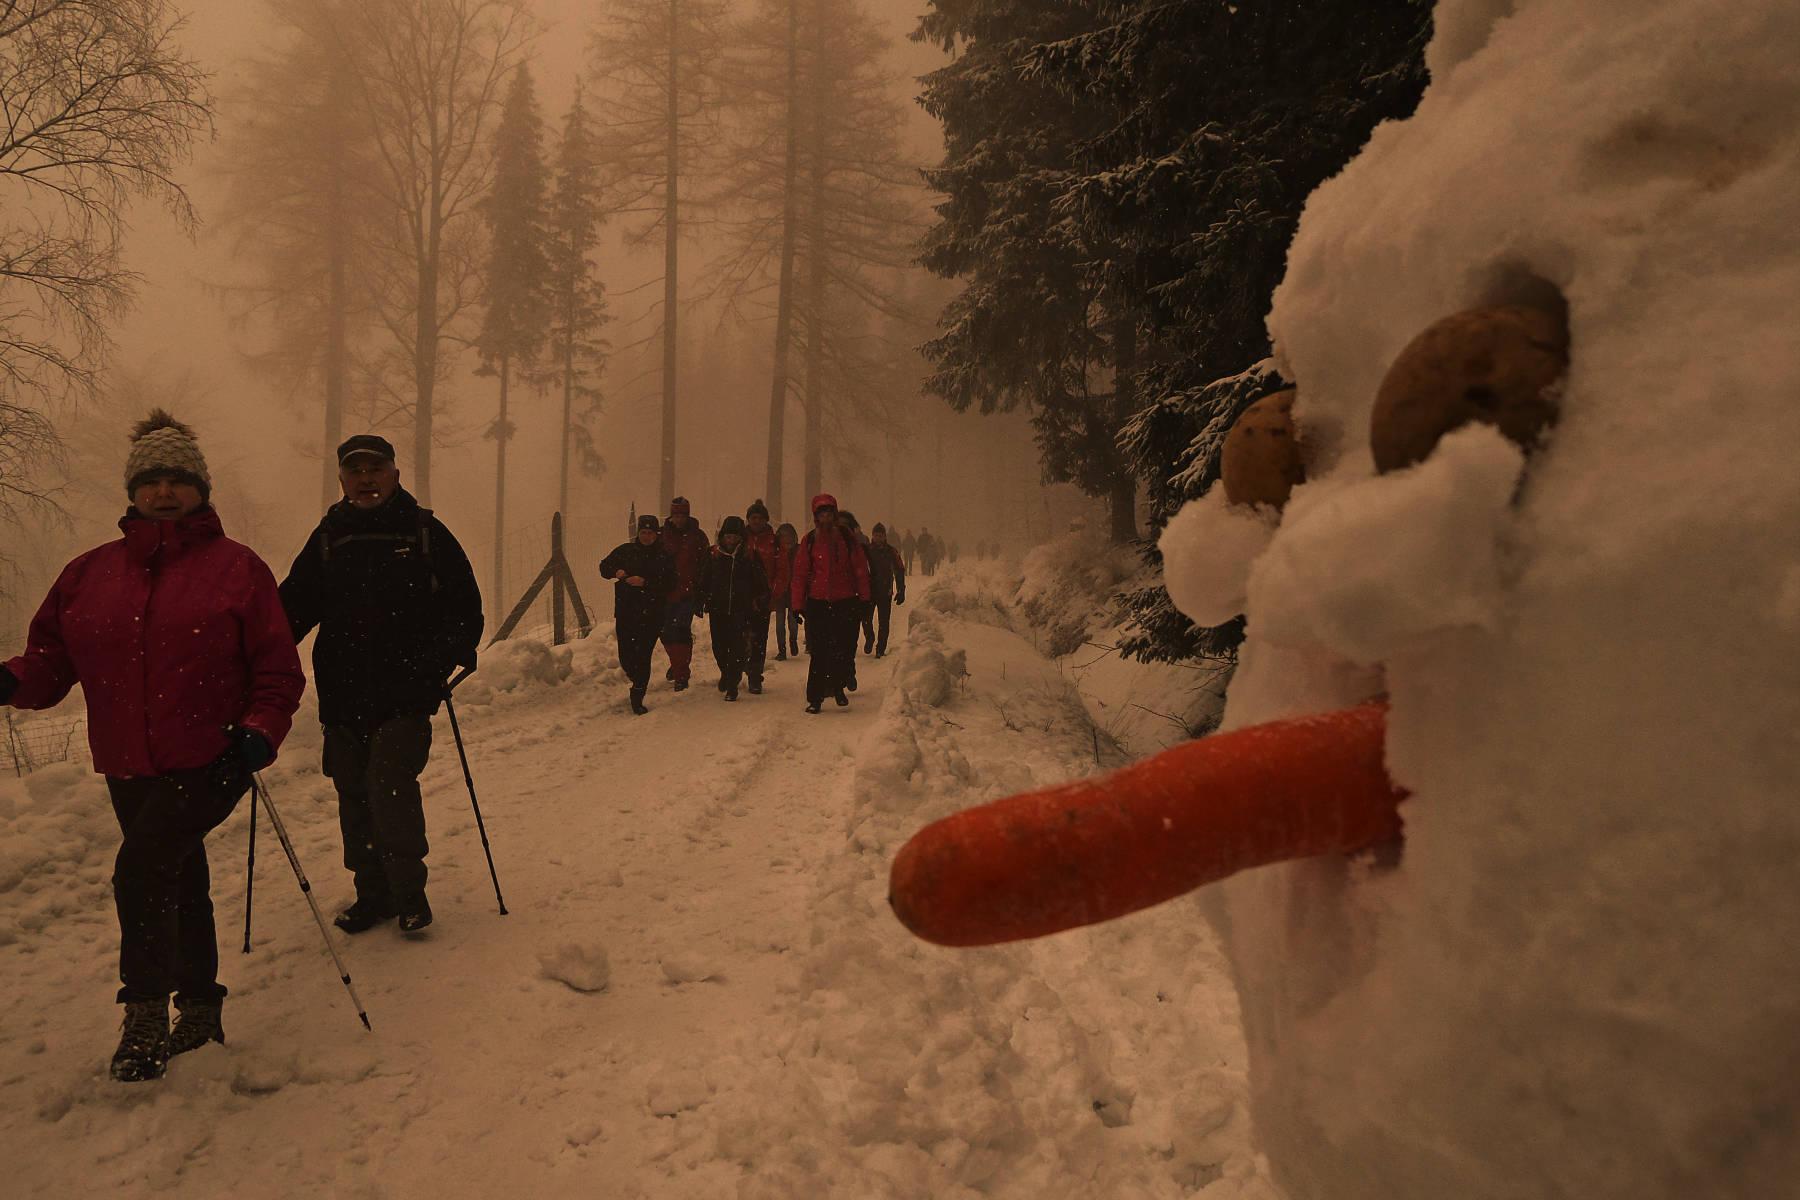 W-drodze-powrotnej-przy-drodze-pojawili_się-śnieżni-strażnicy-1